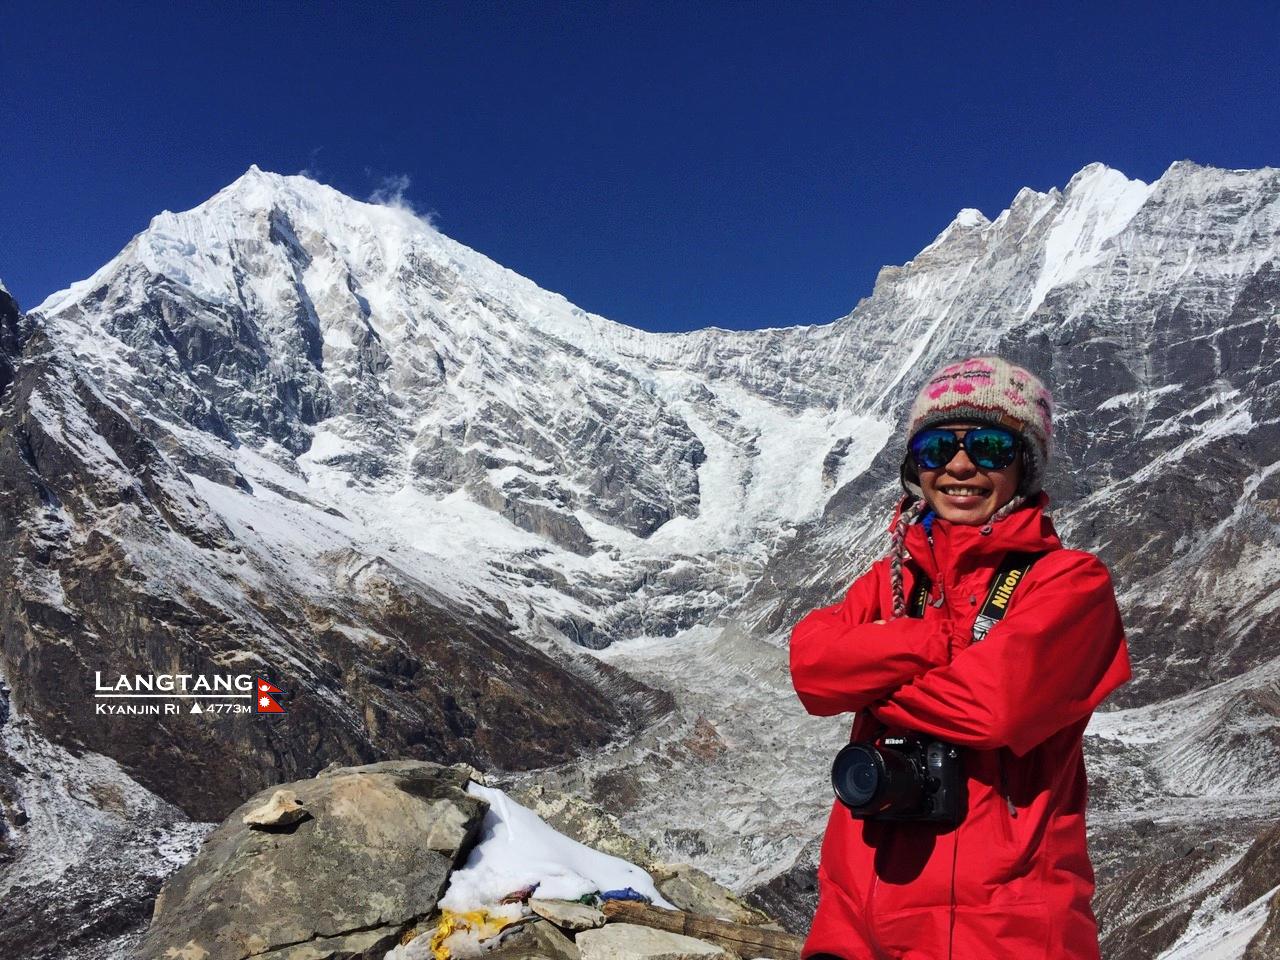 [尼泊爾]藍塘紀行,Day 3 Kyanjin Ri 4773m,在世界最美的山谷擁有我們的喜馬拉雅仙境。 @飯糰五號的旅遊狂想+